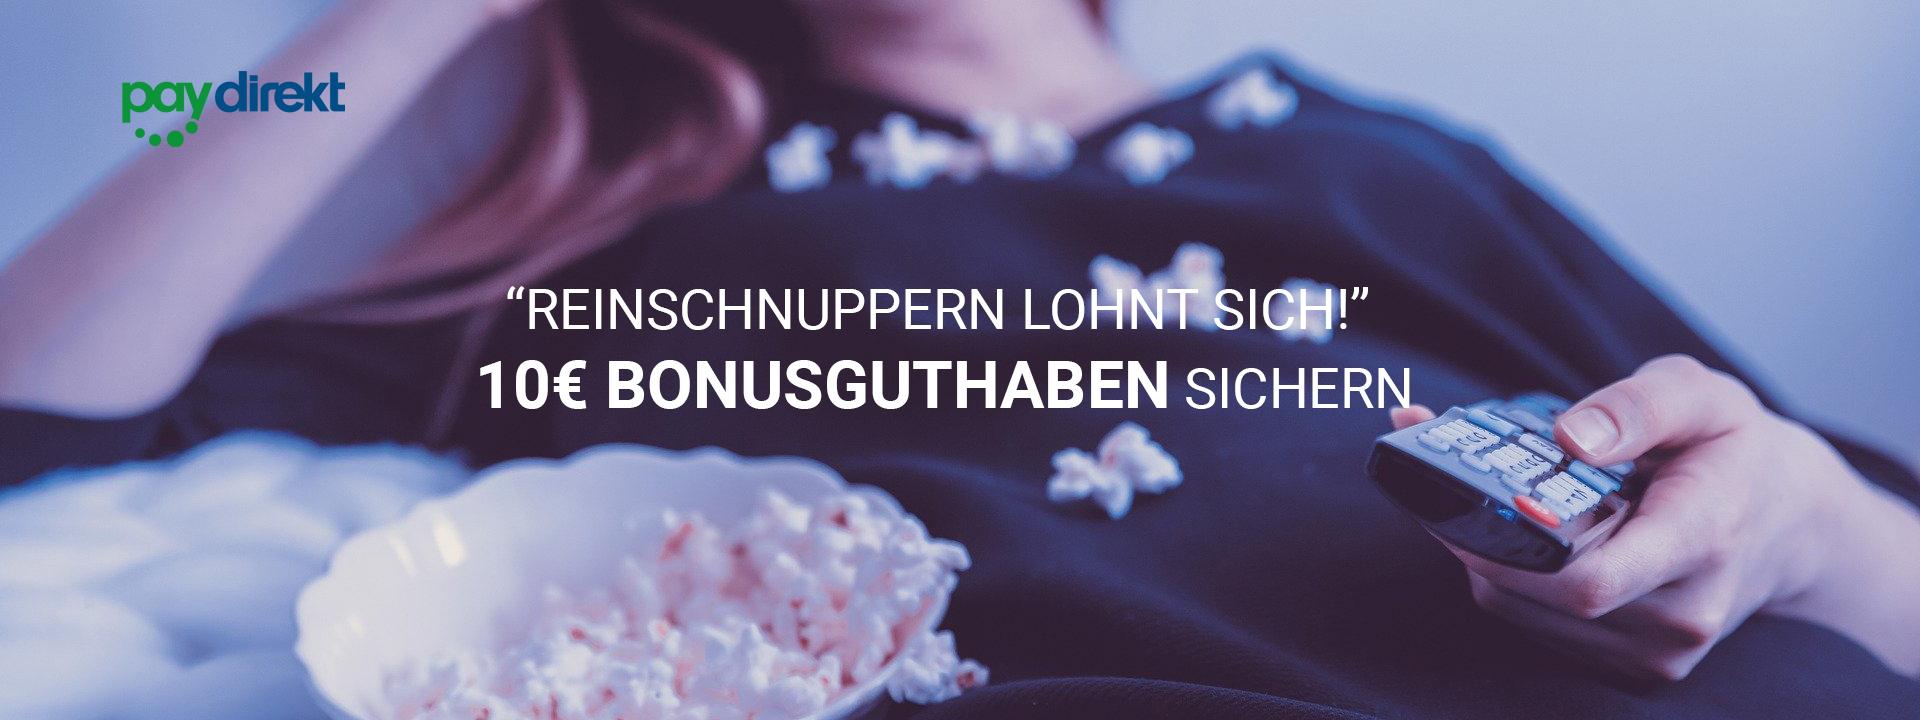 Cineplex Home 10€ geschenkt, wenn 10€ per paydirekt aufgeladen werden